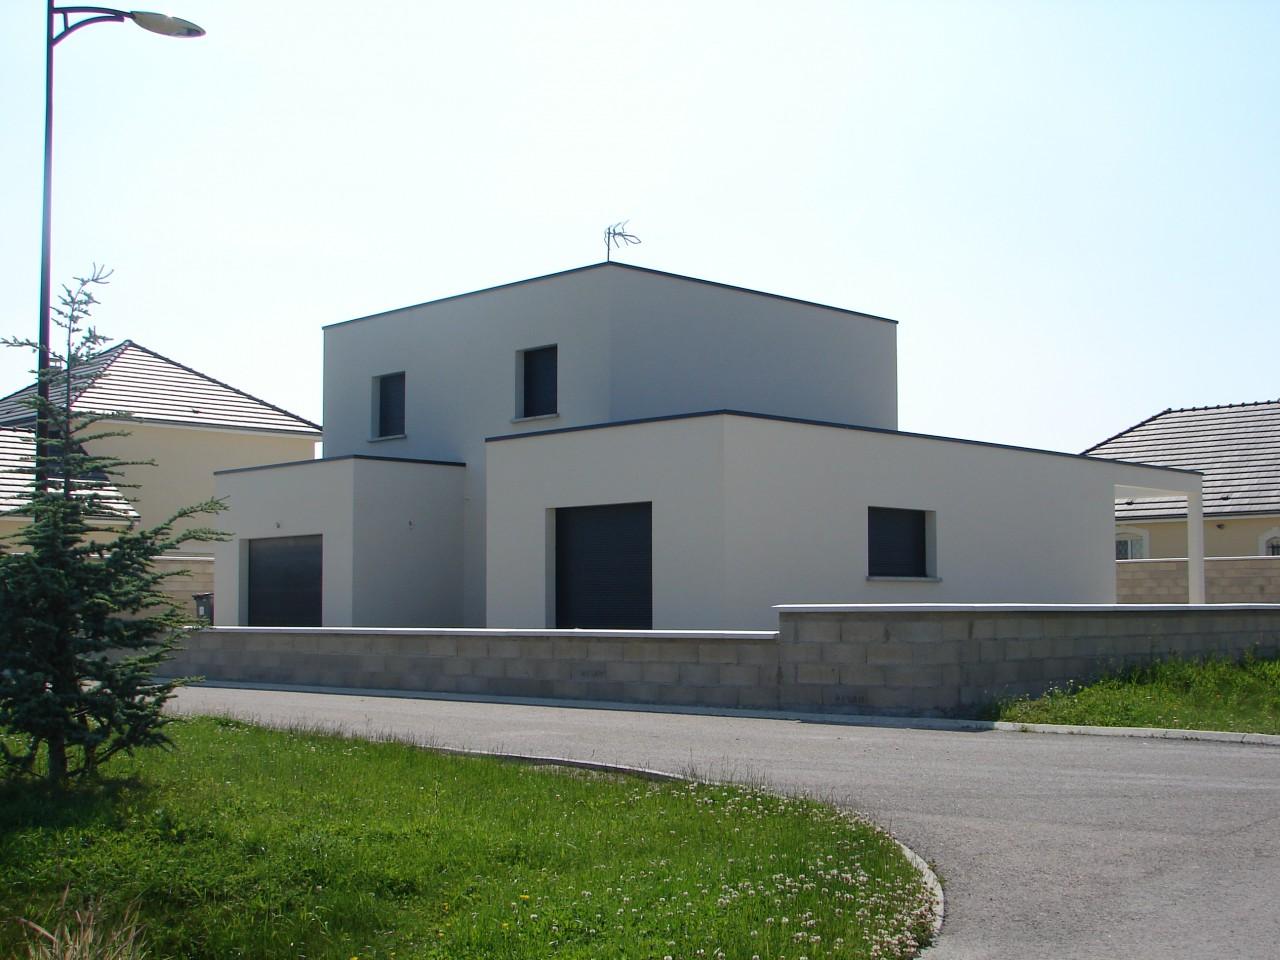 Maison moderne cubique  Mc immo